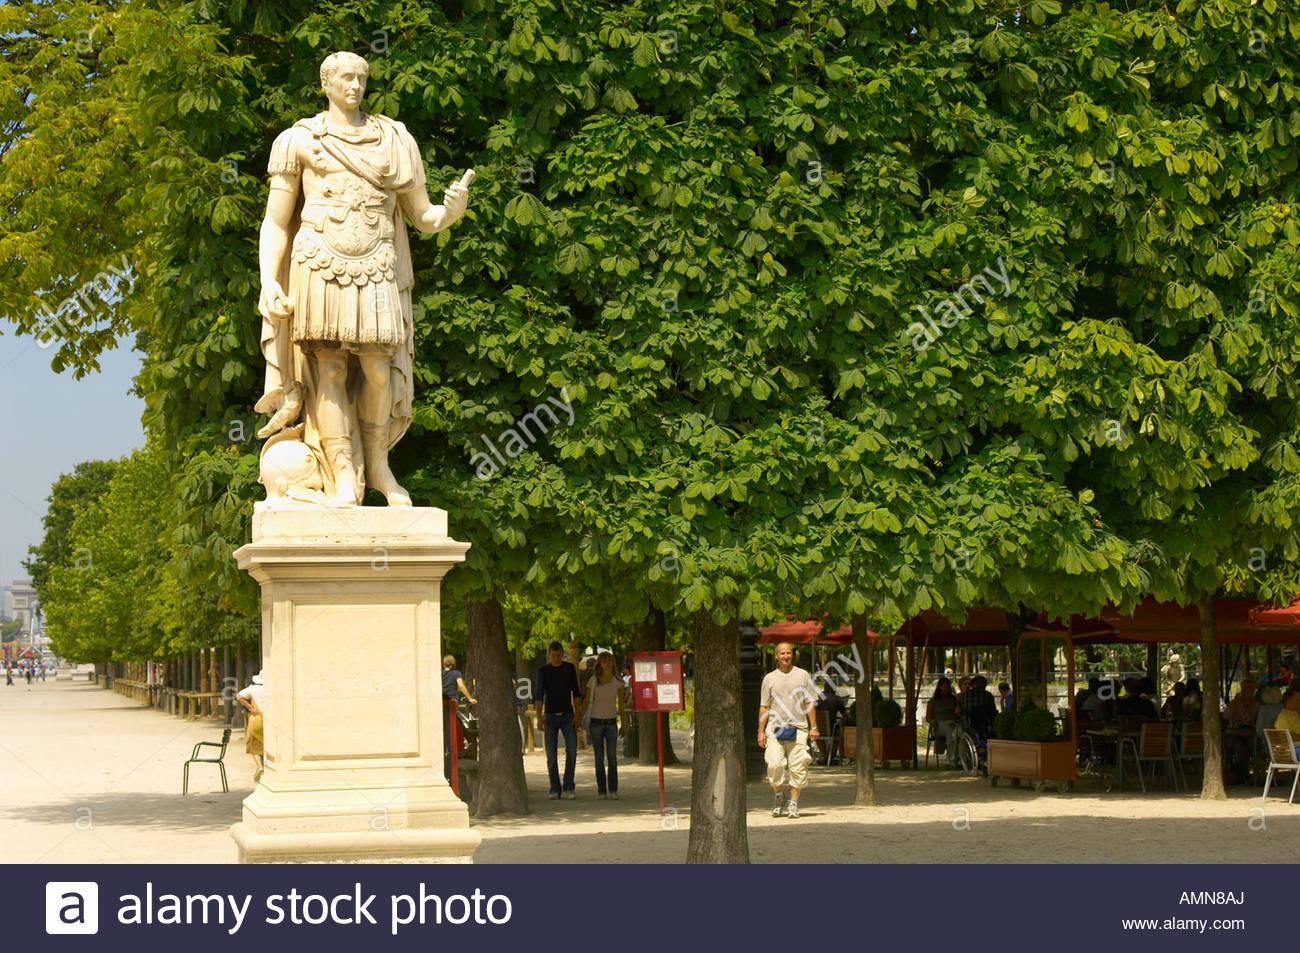 Paris france jardin des tuileries park statue stock for Jardins tuileries paris france